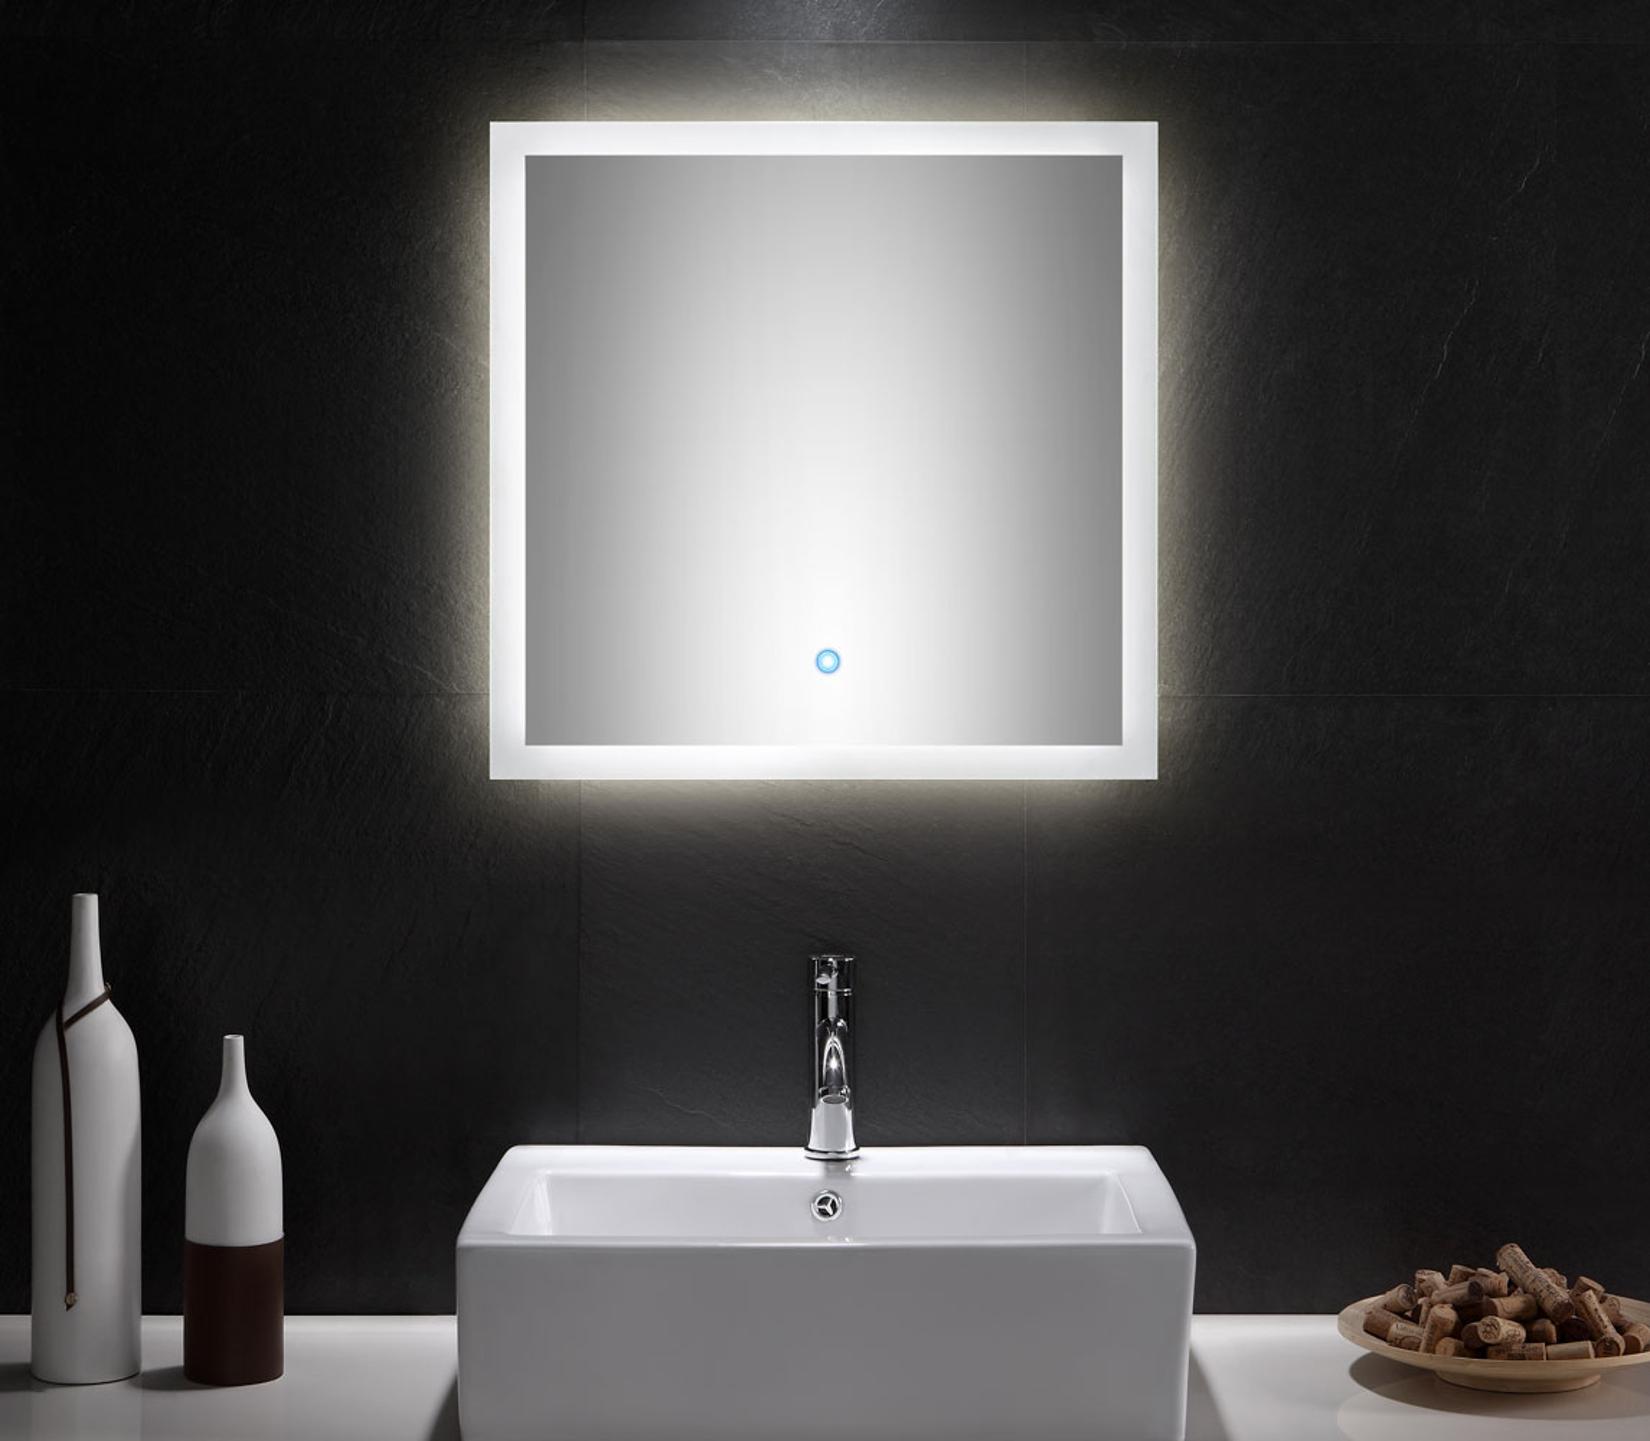 bad spiegel levia mit led touch steuerung 60 cm breit wei bad spiegelschr nke. Black Bedroom Furniture Sets. Home Design Ideas